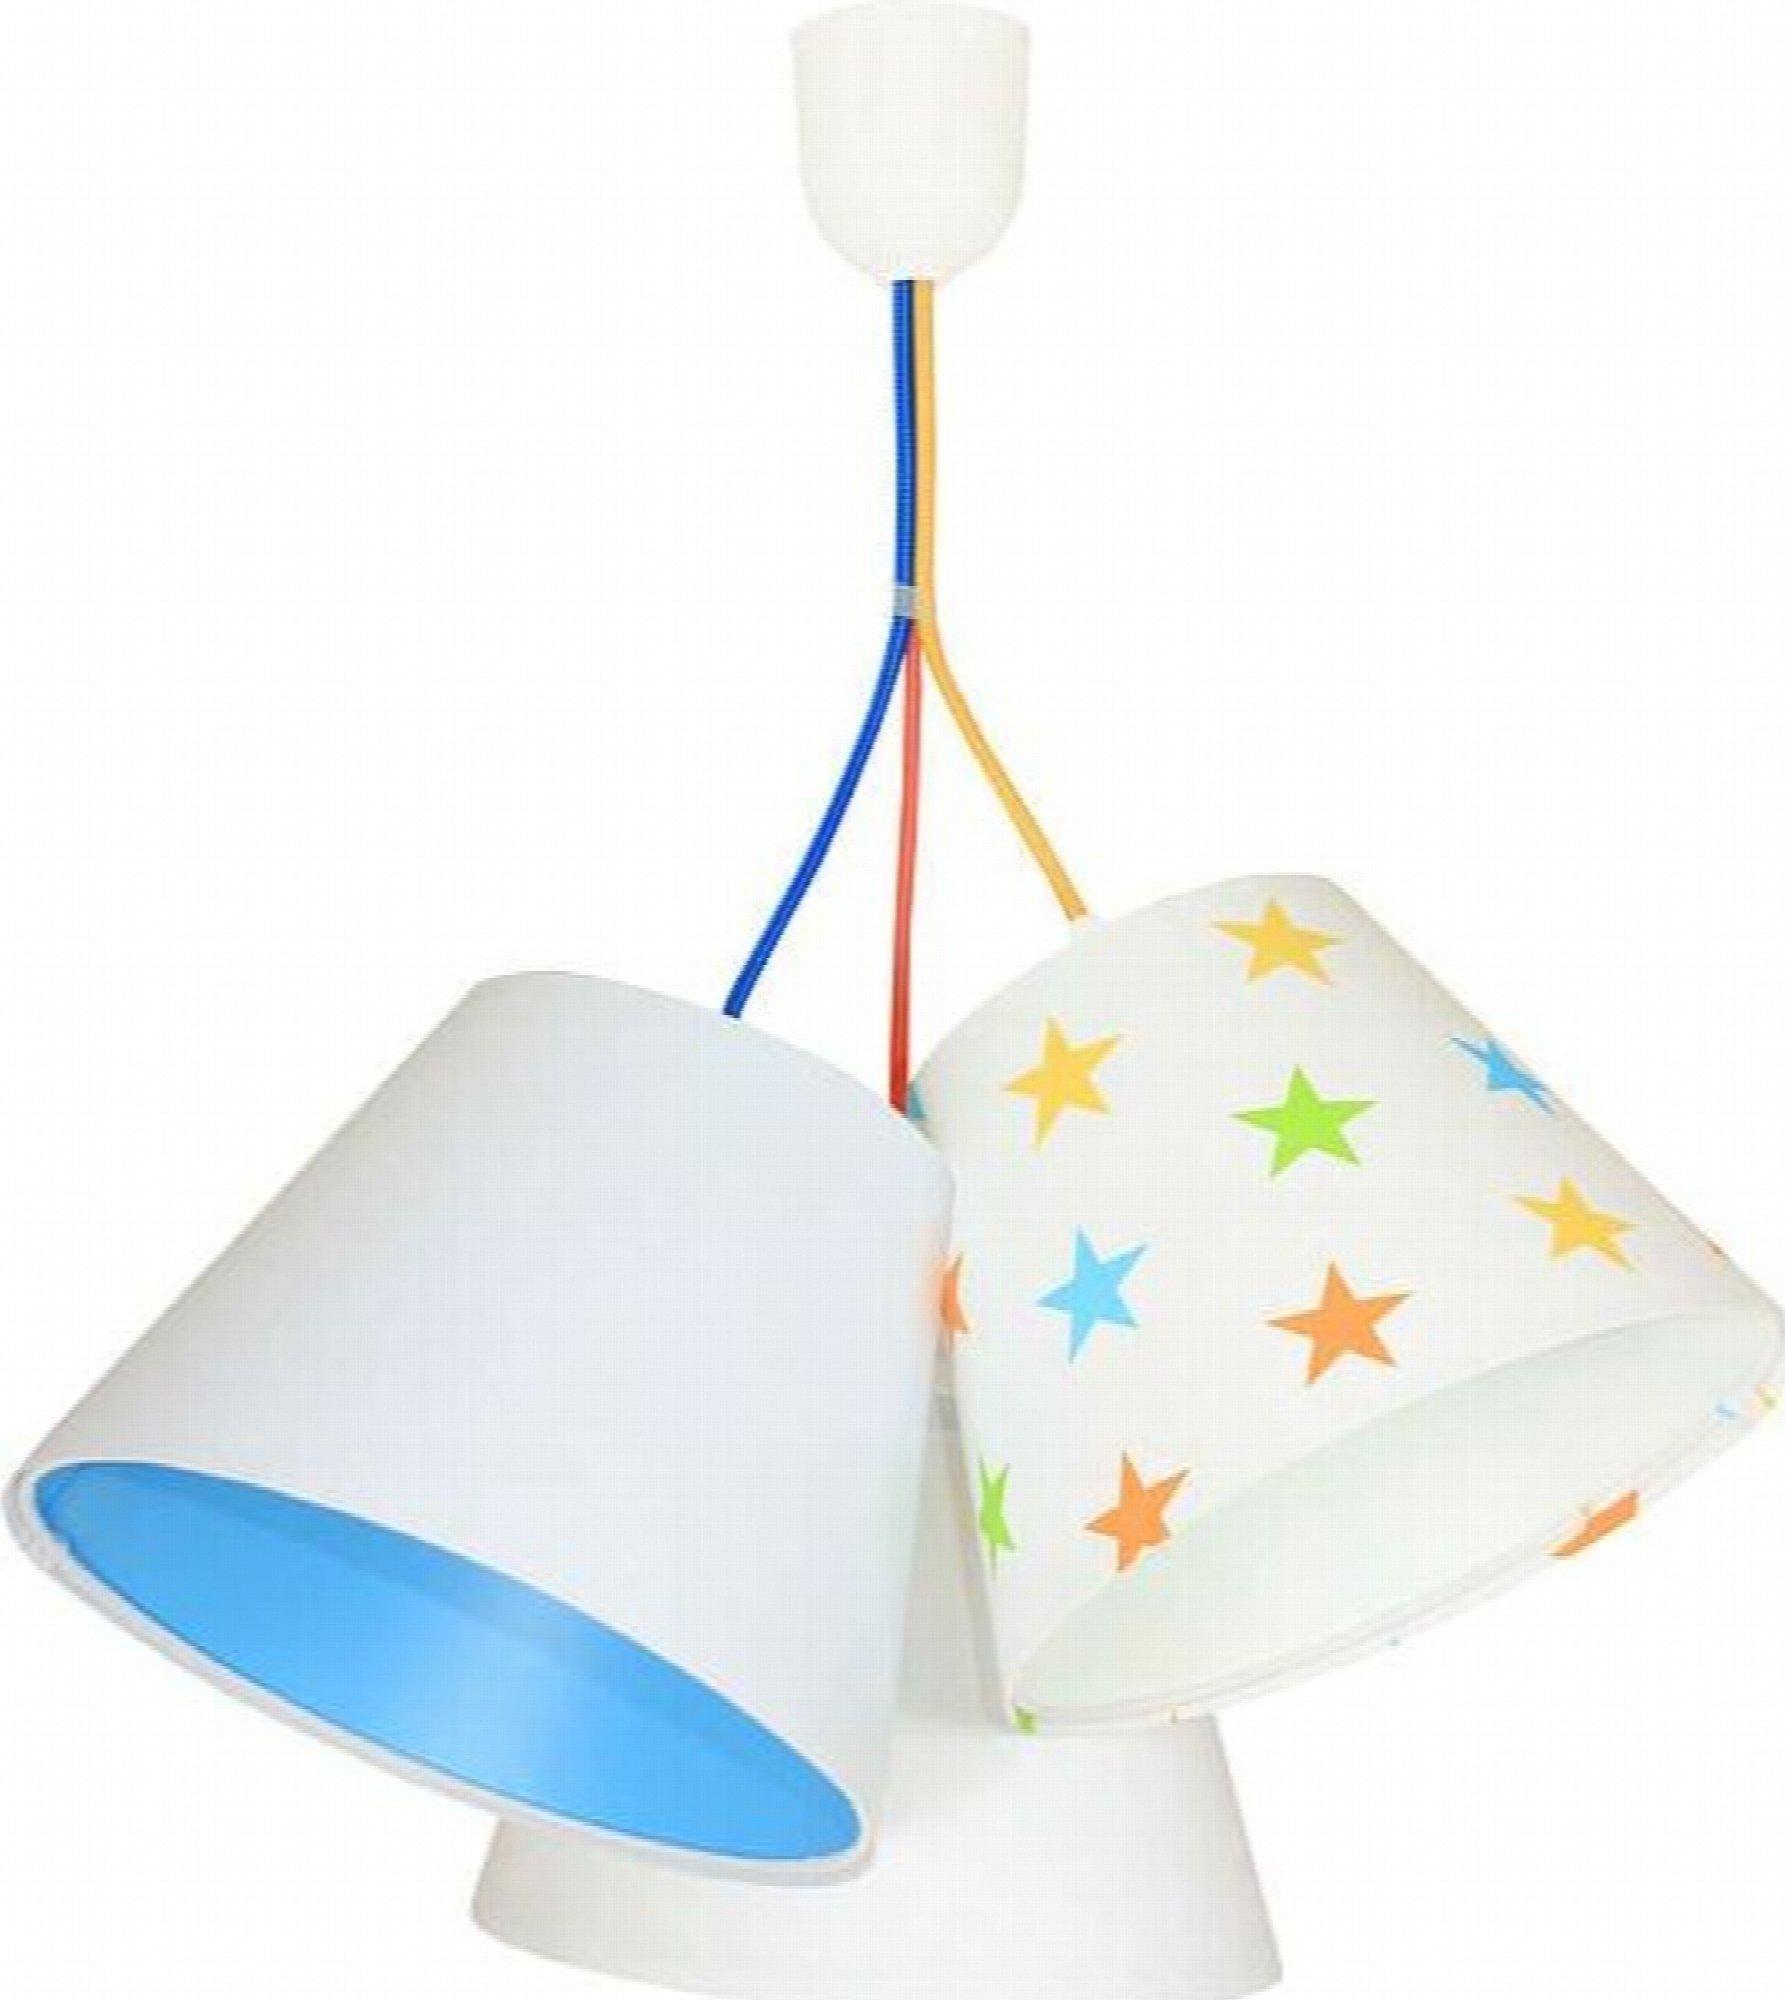 Suspension enfant abat-jour blanc et bleu 50x50x30